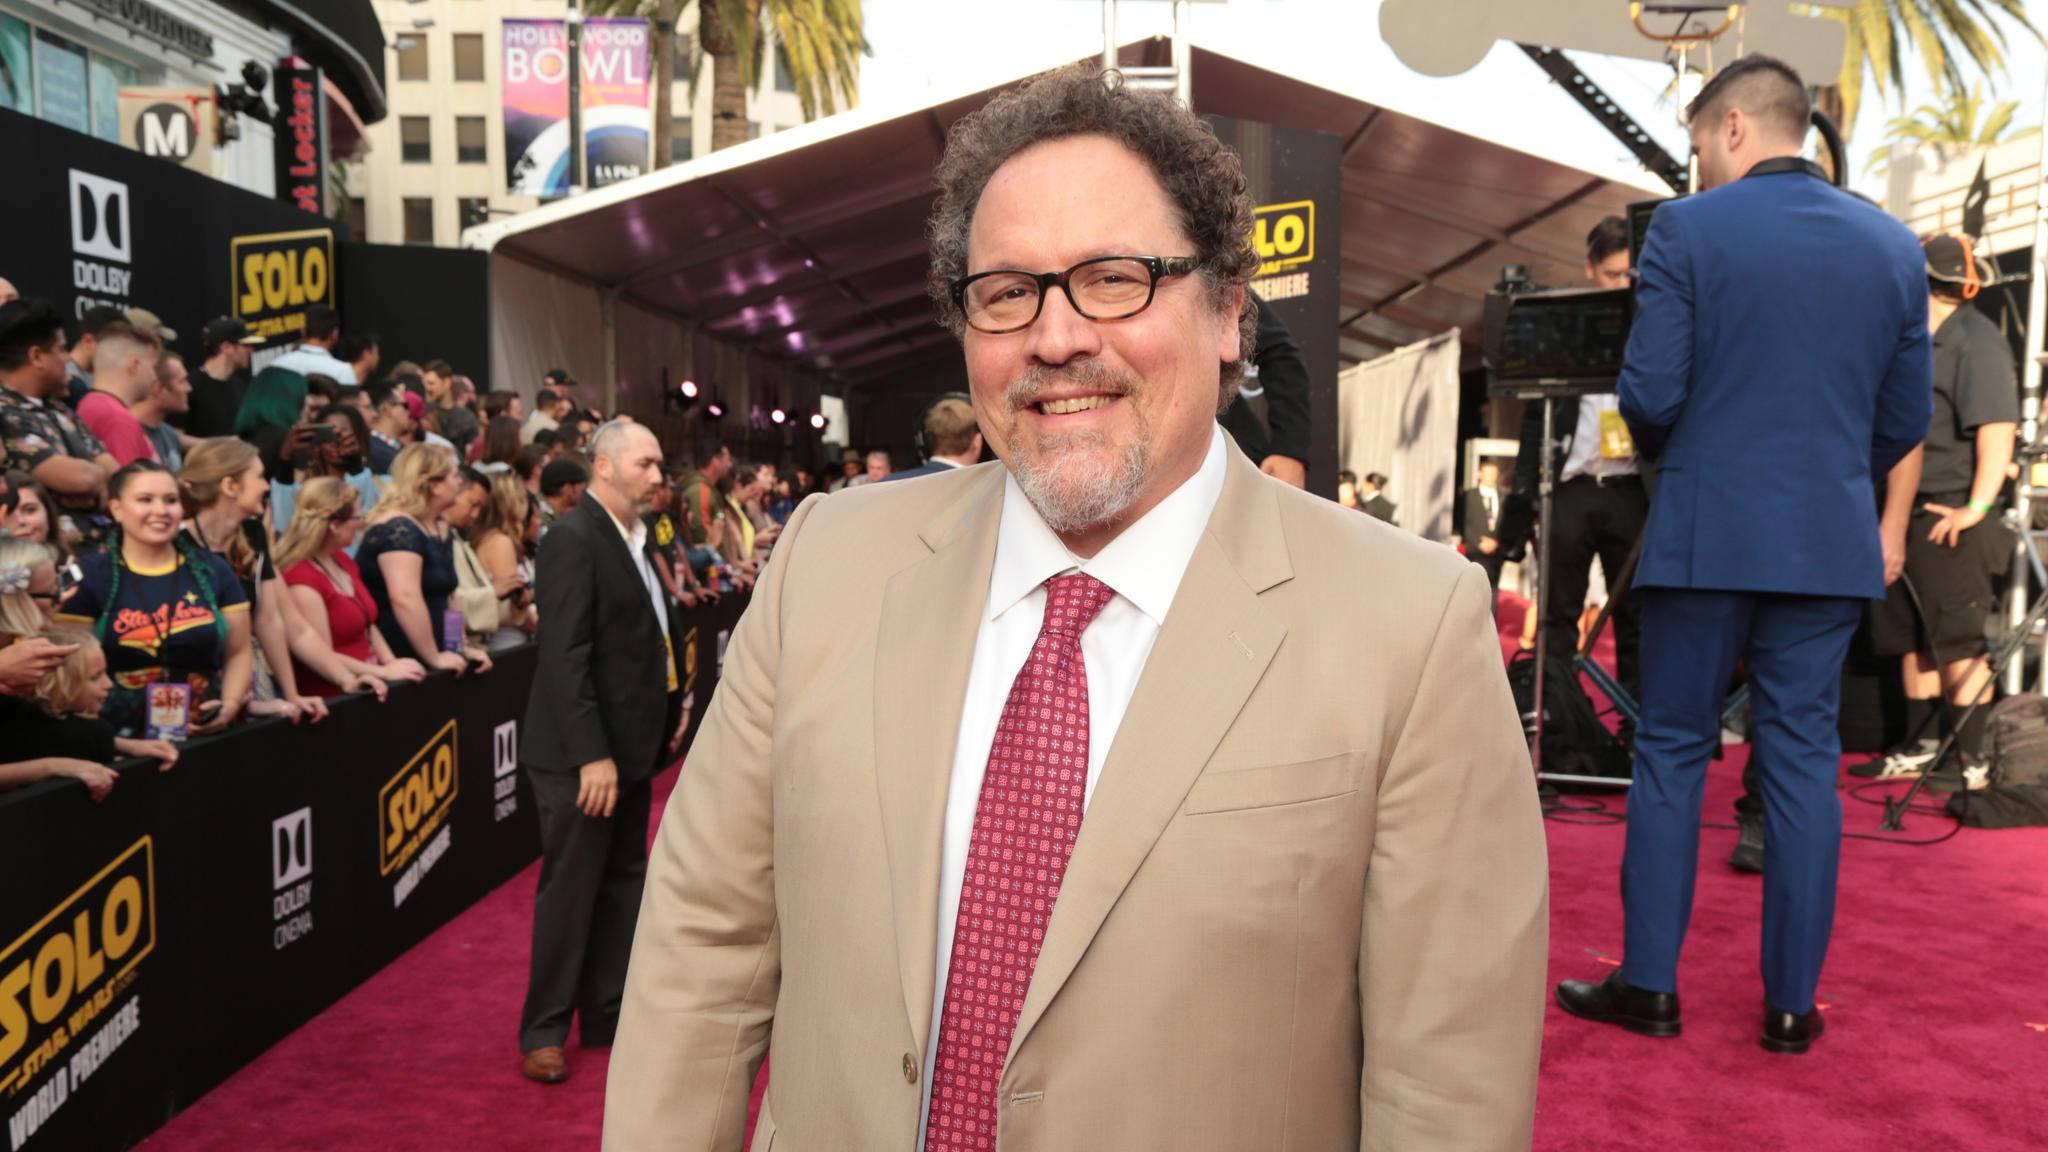 """Jon Favreau war während der Premiere von """"Solo: A Star Wars Story"""" offenbar in Plauderlaune."""